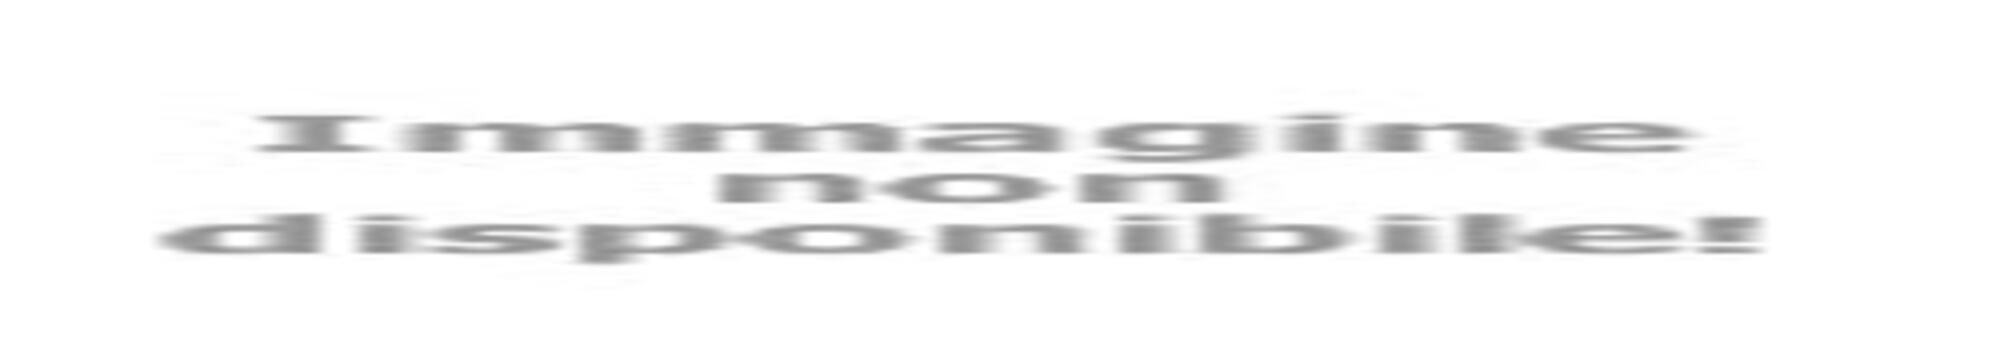 Ophold i feriecenter og Ebike udflugt i Toscana